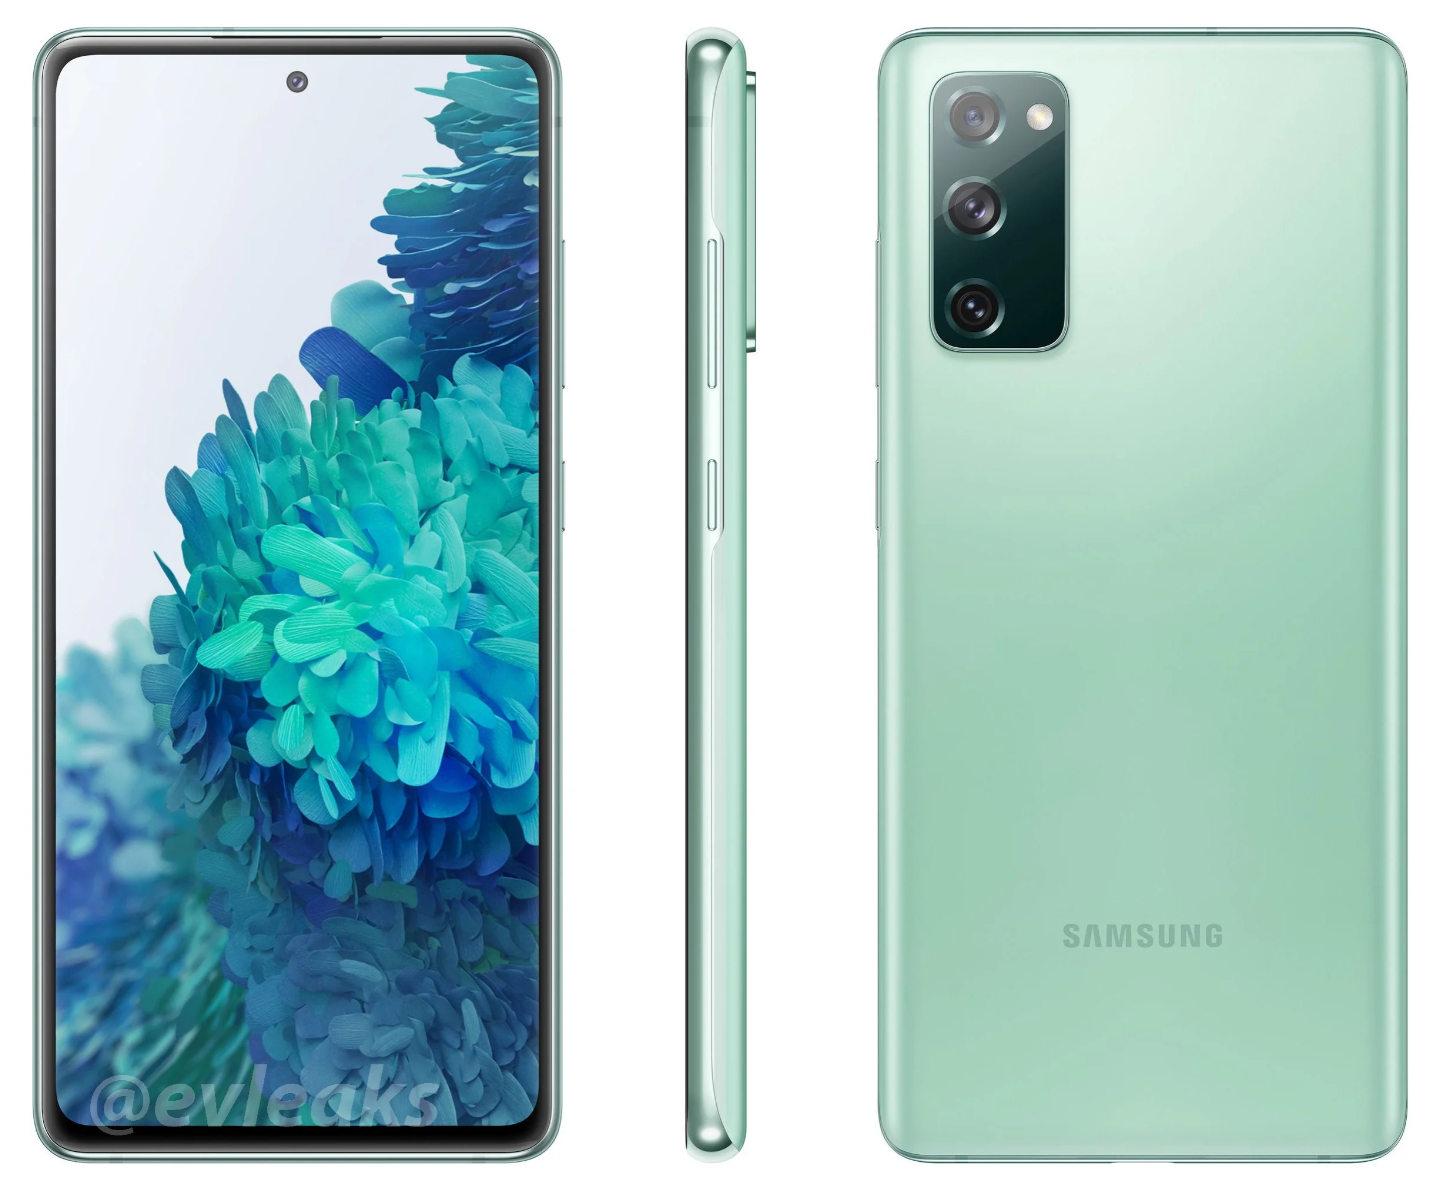 Galaxy S20 FE 5G, para los que buscan el tope de gama de Samsung a precio reducido 36